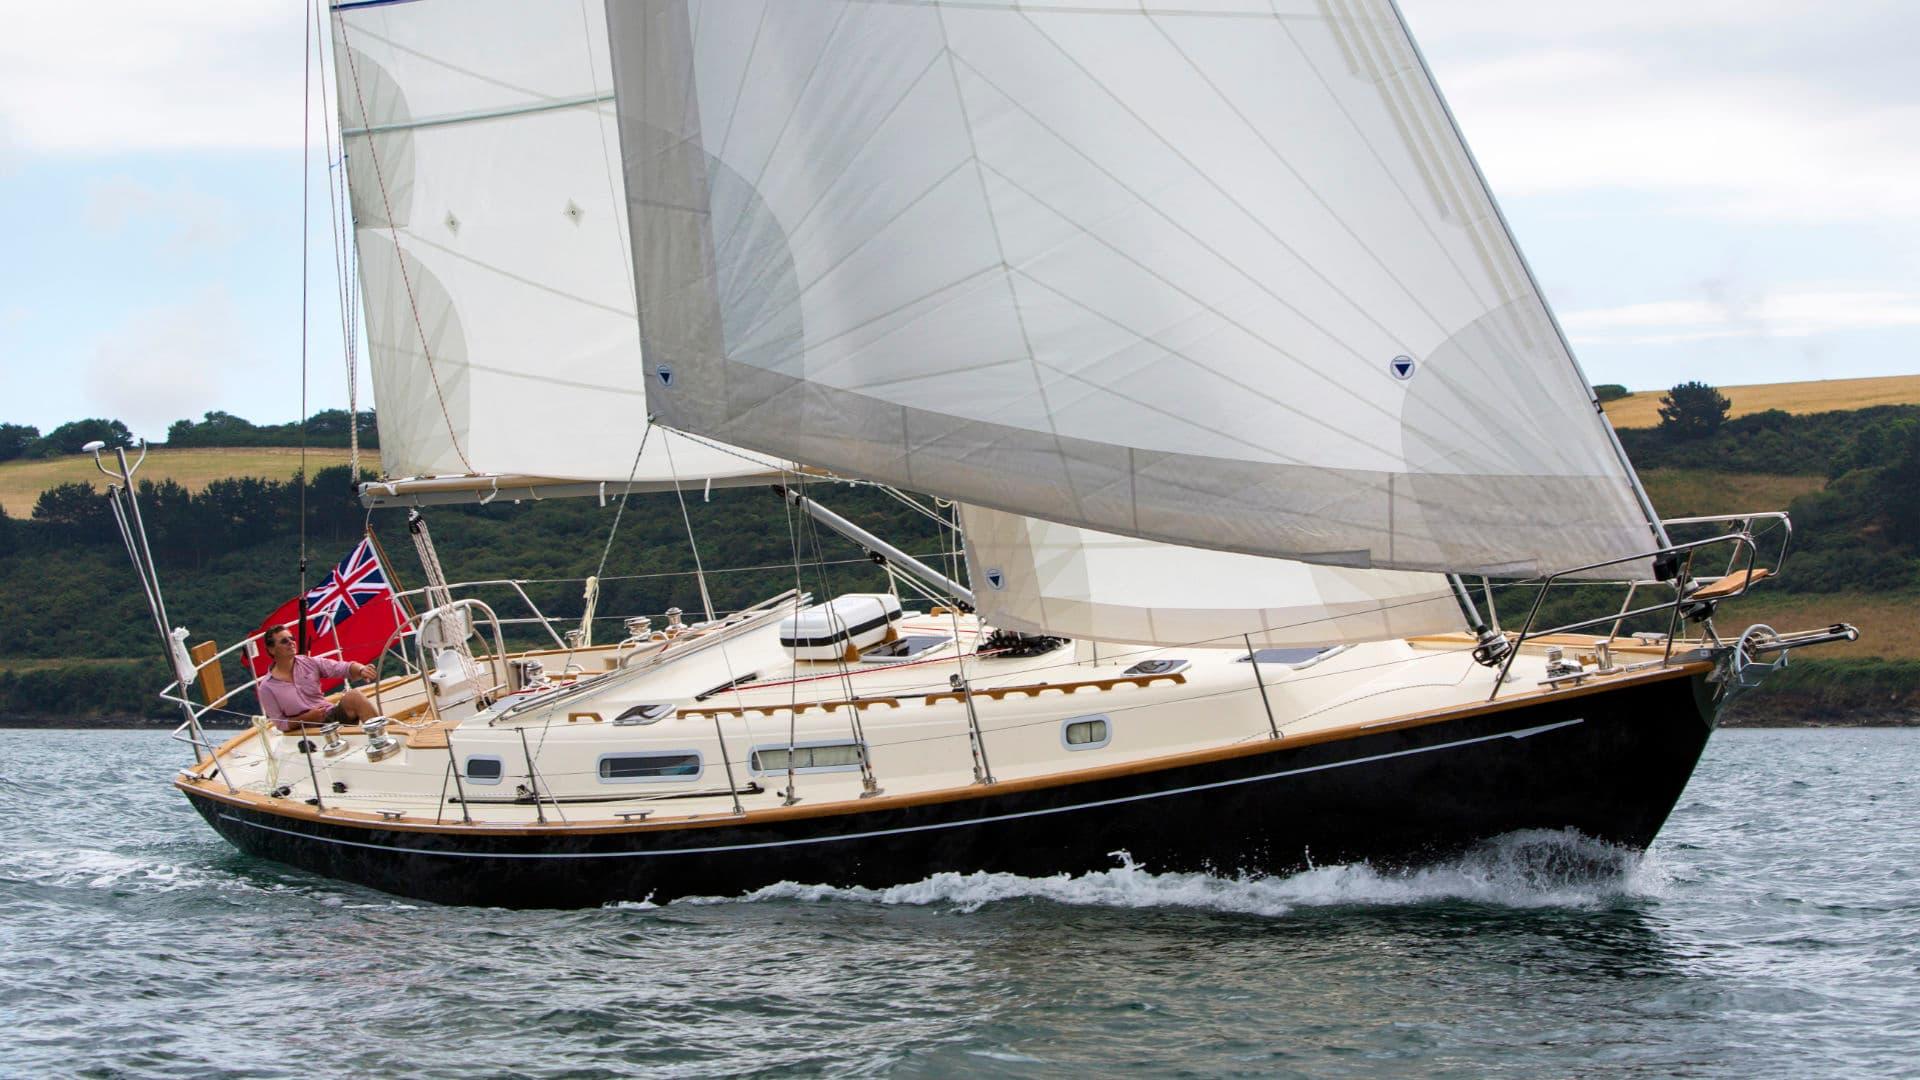 Rustler 42 sailing